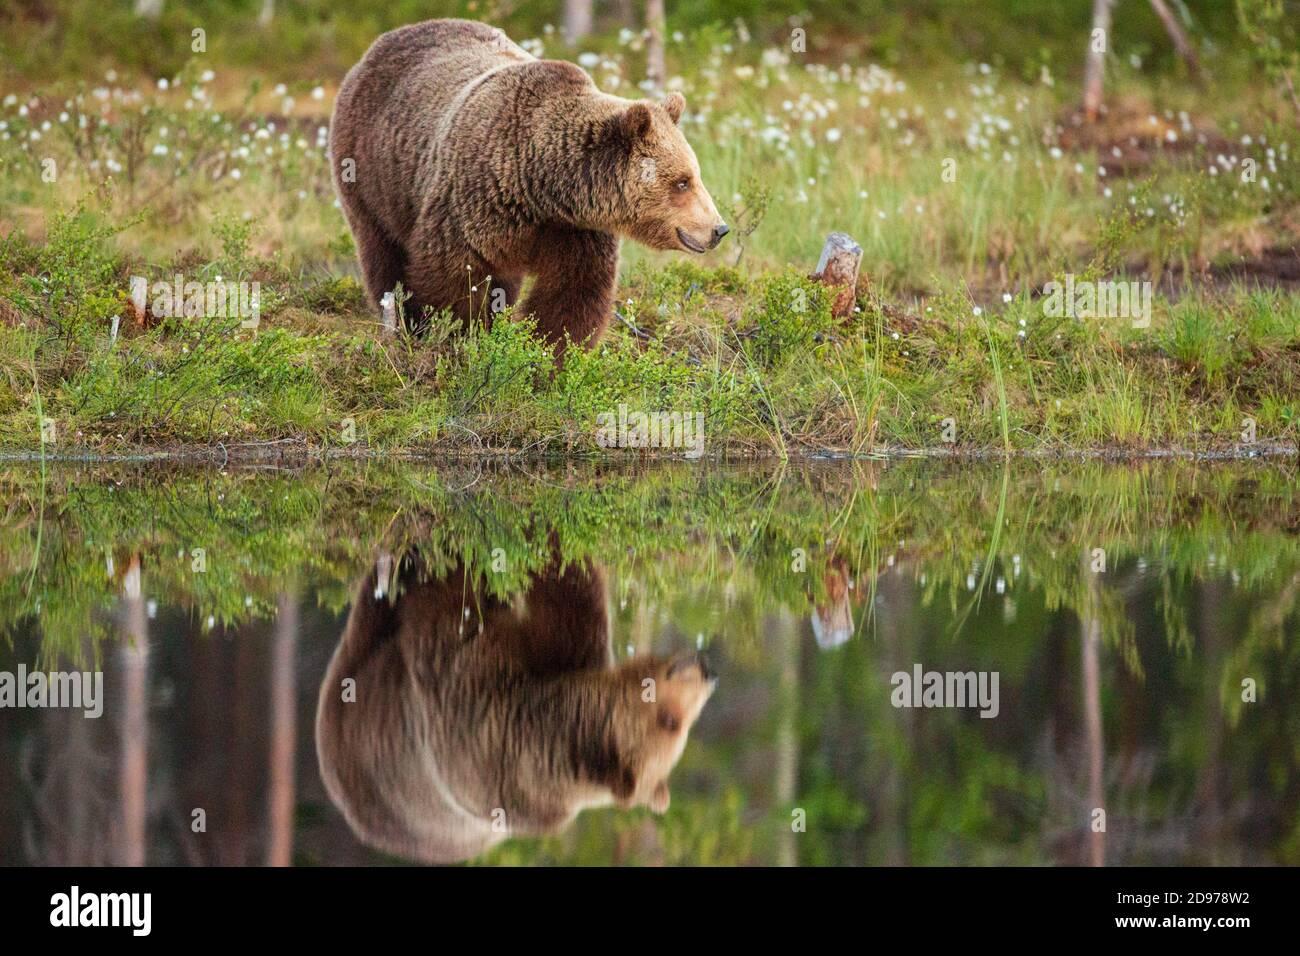 Braunbär (Ursus arctos arctos) Weibchen in der Nähe eines Sees, Finnland Stockfoto